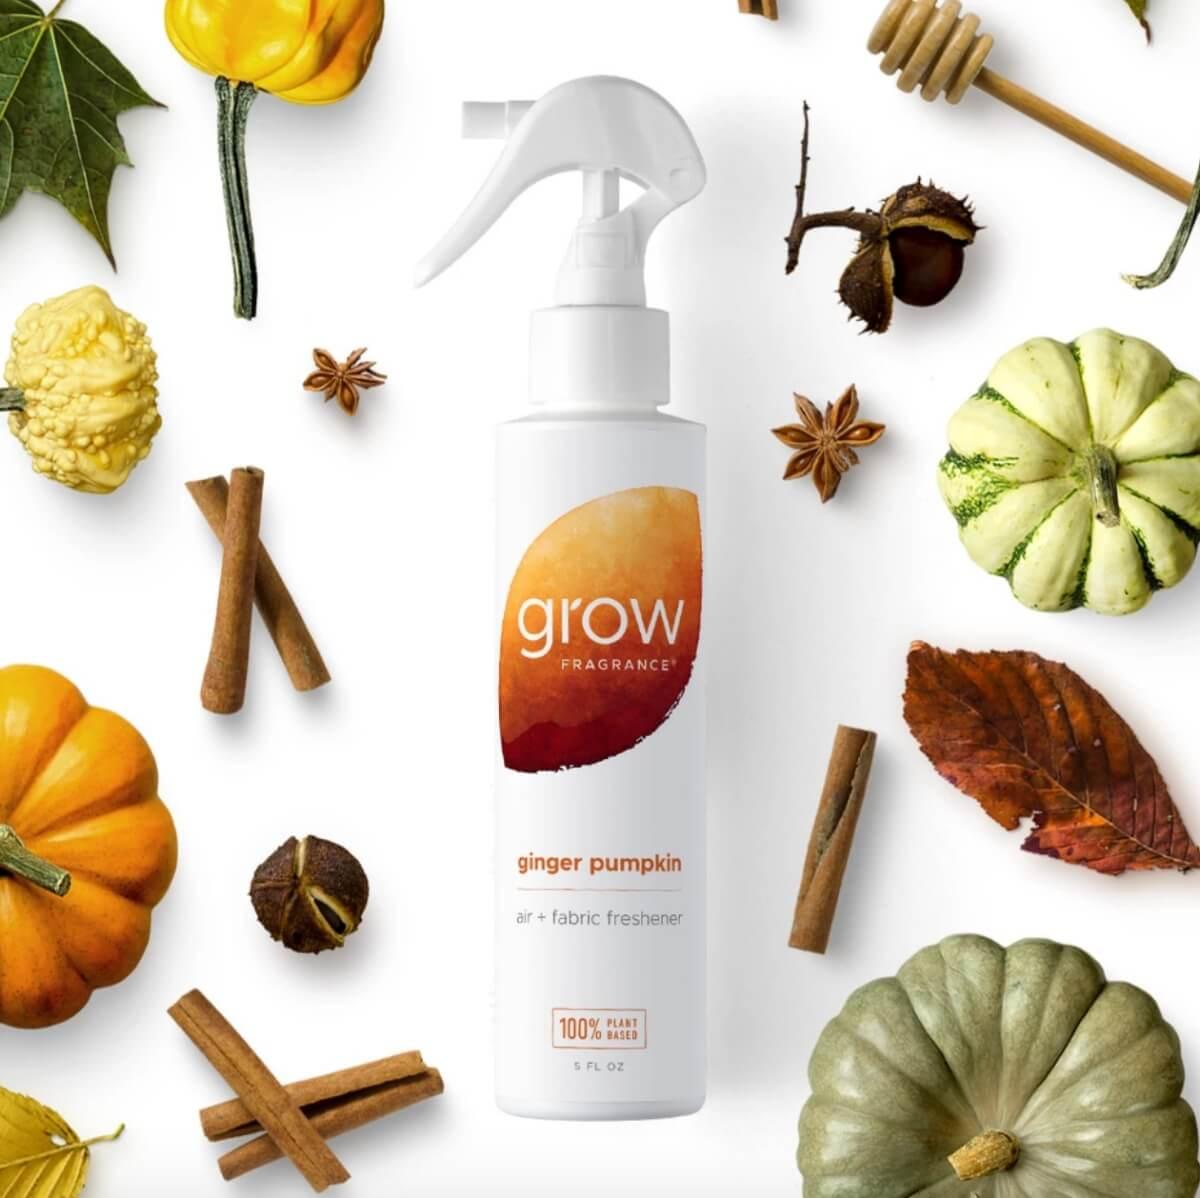 grow fragrance pumpkin ginger